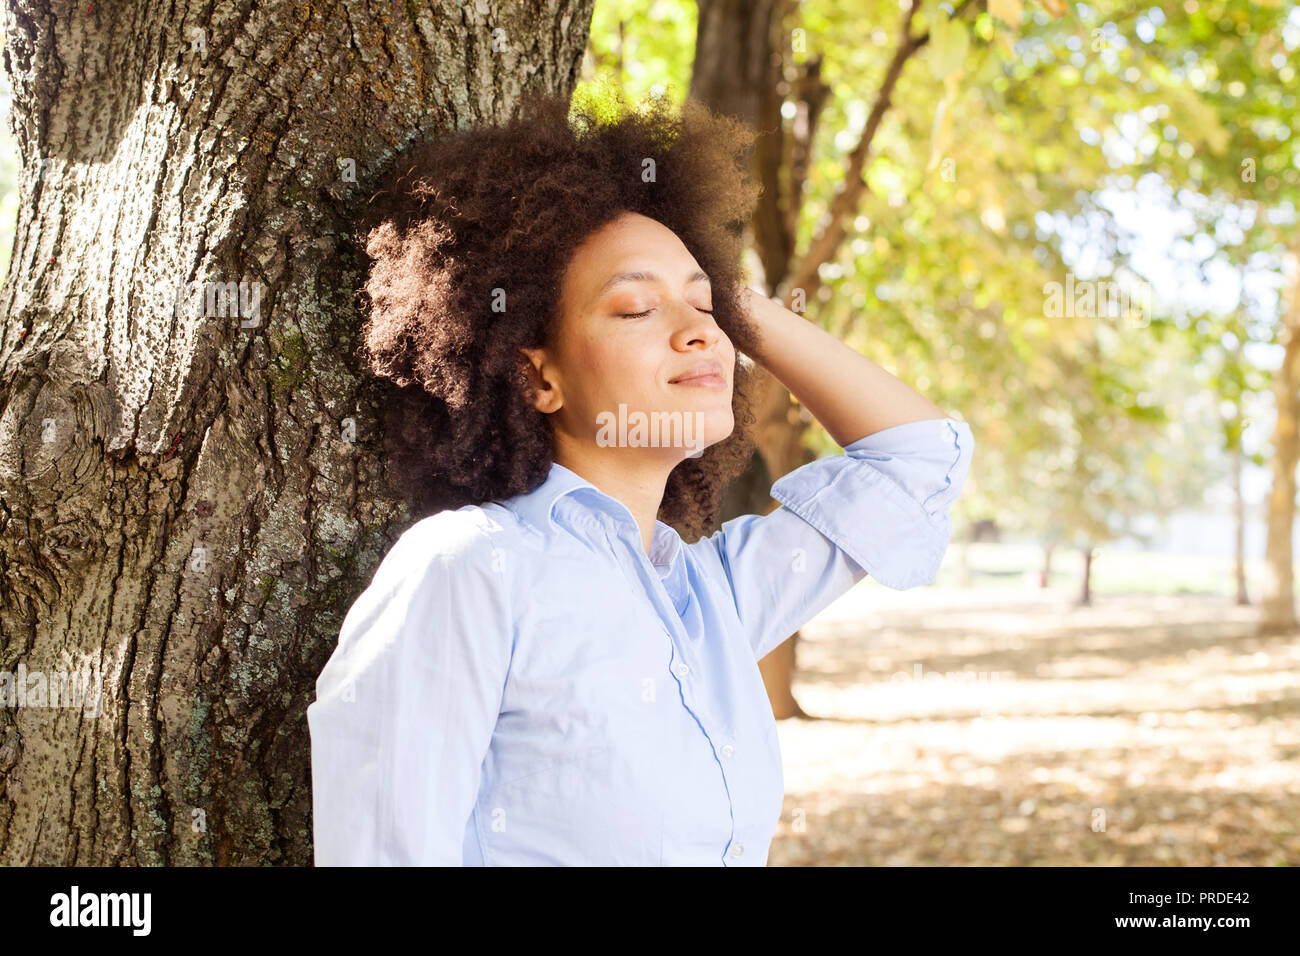 Outdoor Portrait von glücklich schöne afrikanische amerikanische Frau in der Natur, weibliche in blauen Shirts genießen Sie den Sommer Tag, lehnte sich auf Baum im Park, geschlossenen Augen Stockfoto